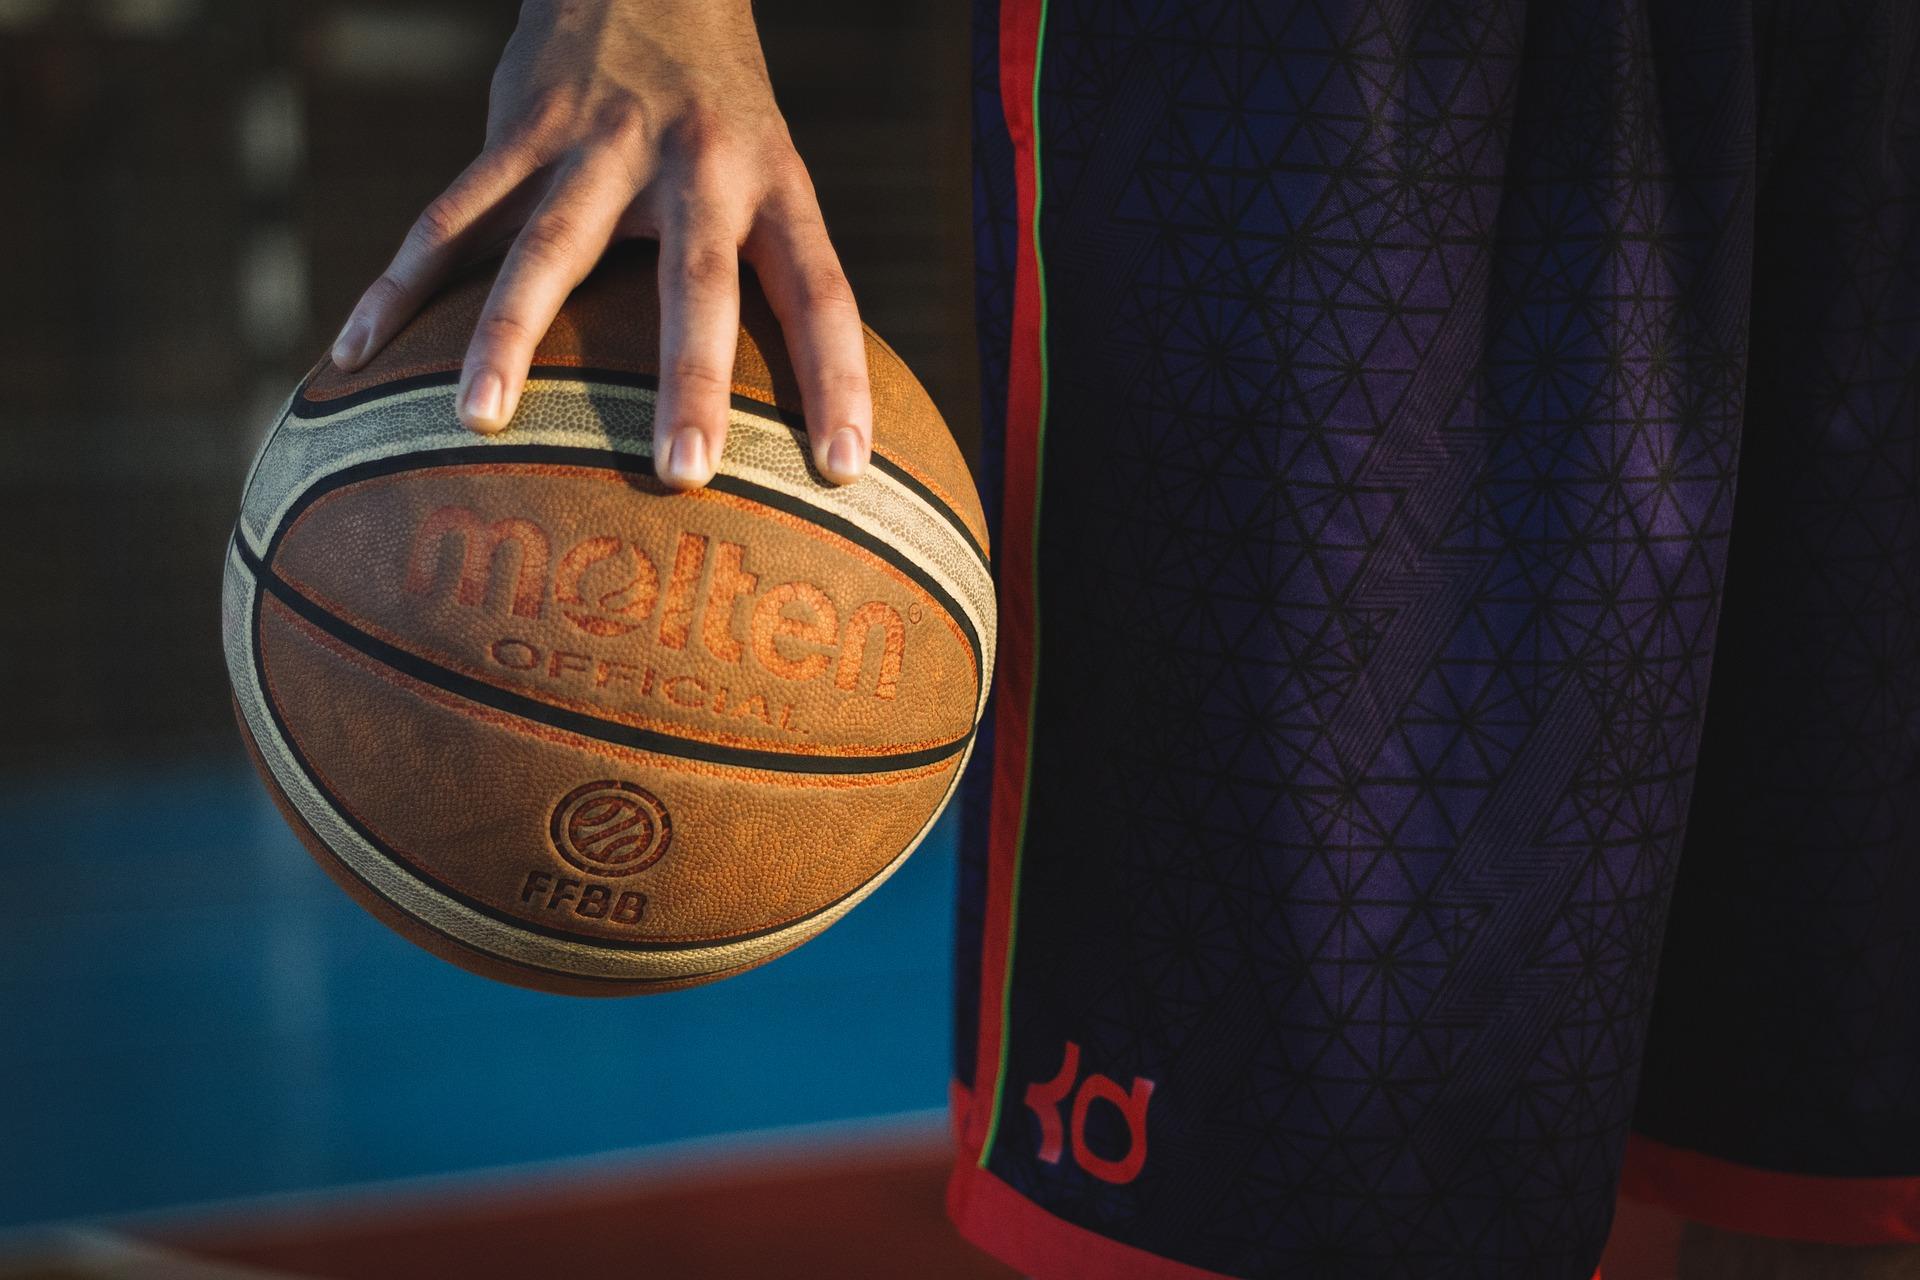 Herren-Oberliga: Spitzenspiel in Altenhagen